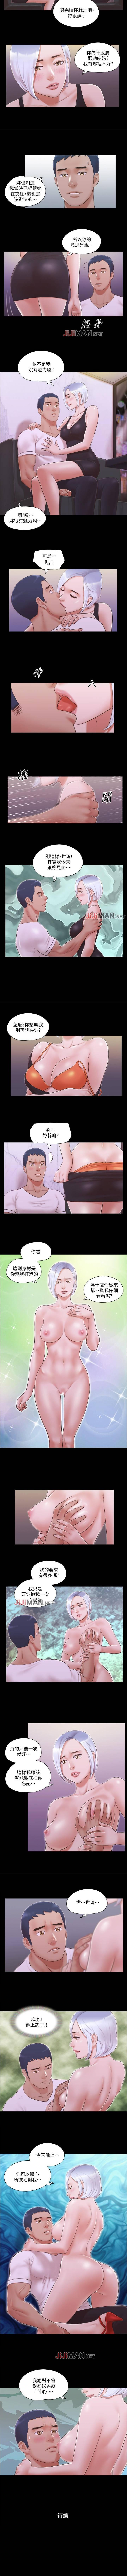 【周五连载】协议换爱(作者:遠德) 第1~57话 86